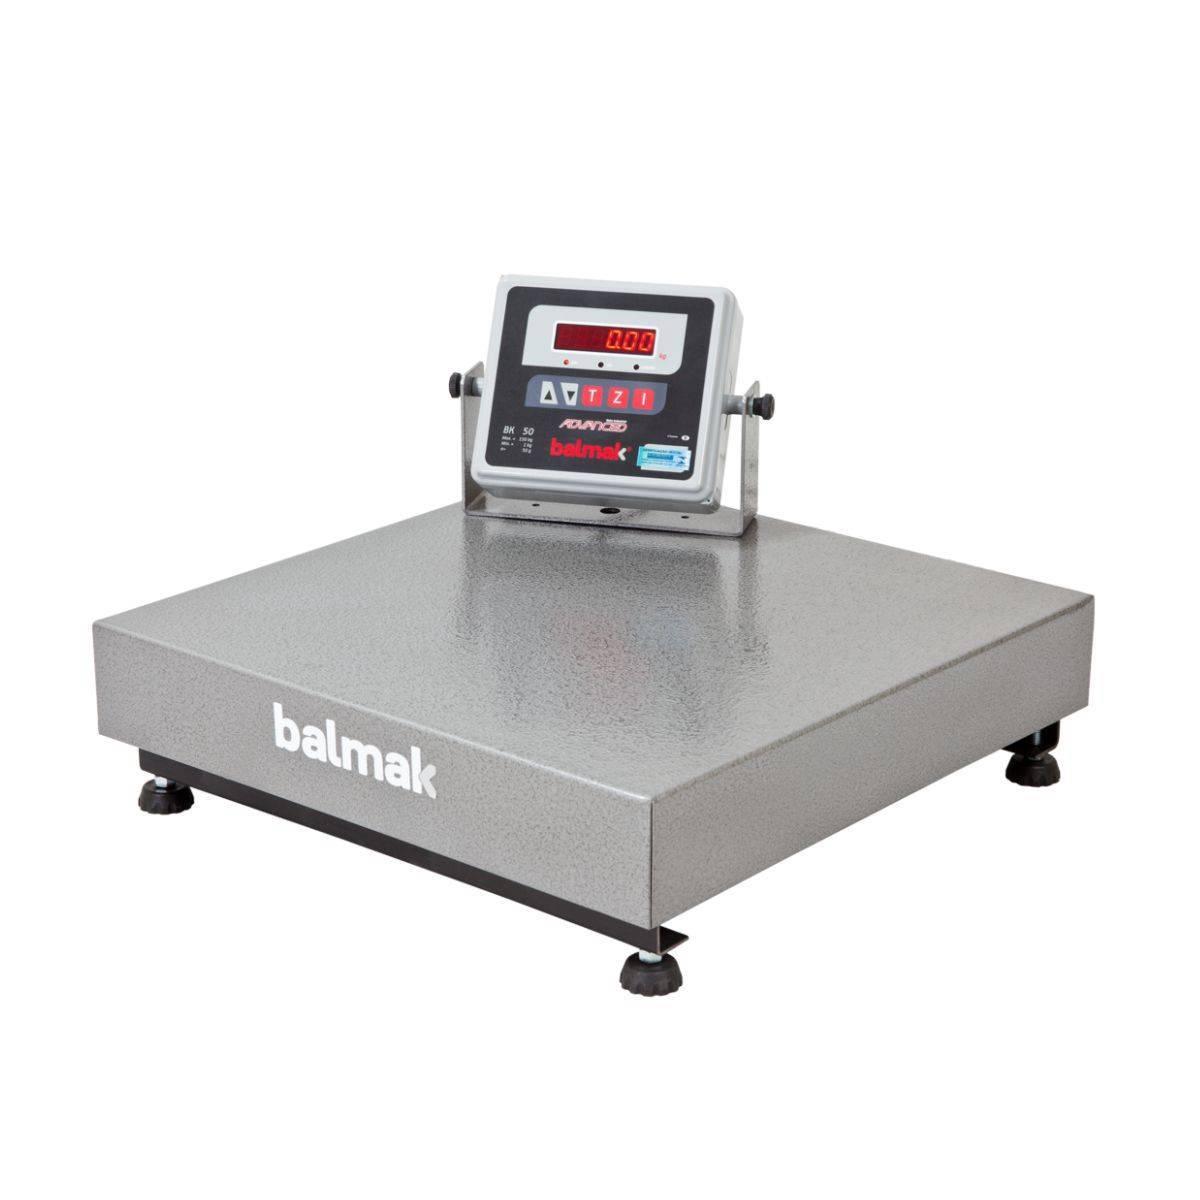 Balança Industrial Eletrônica 150Kg Plataforma BK50 Balmak - Magazine do Chef